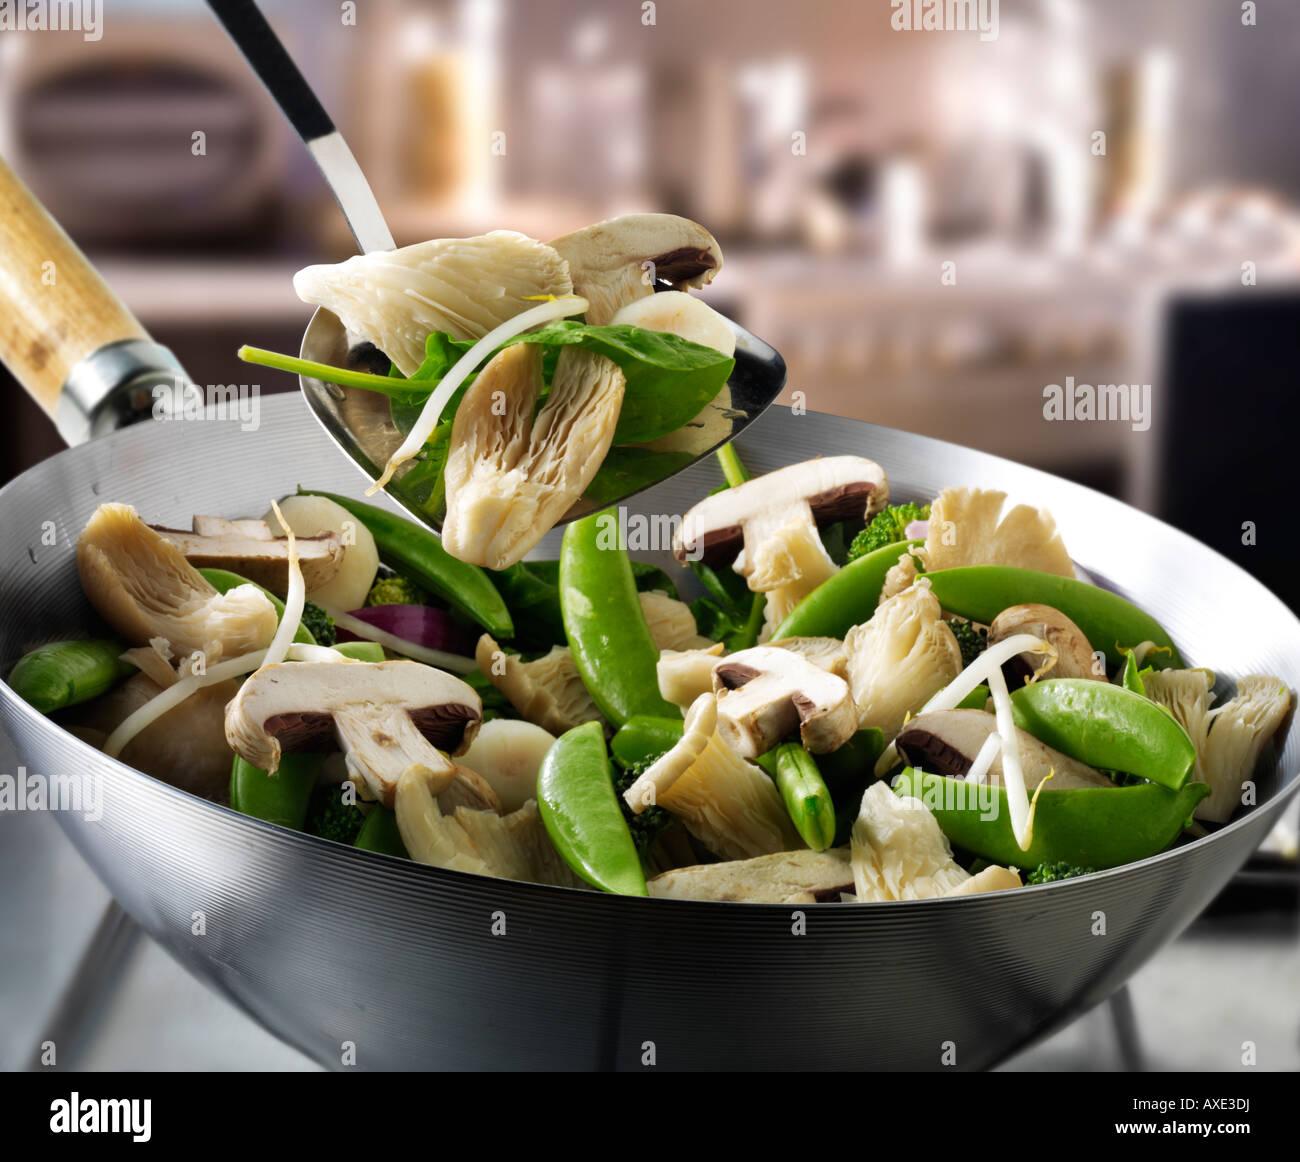 Sauté de légumes au wok étant brassé avec Shataki et pleurotes, mange tout et de légumes Banque D'Images